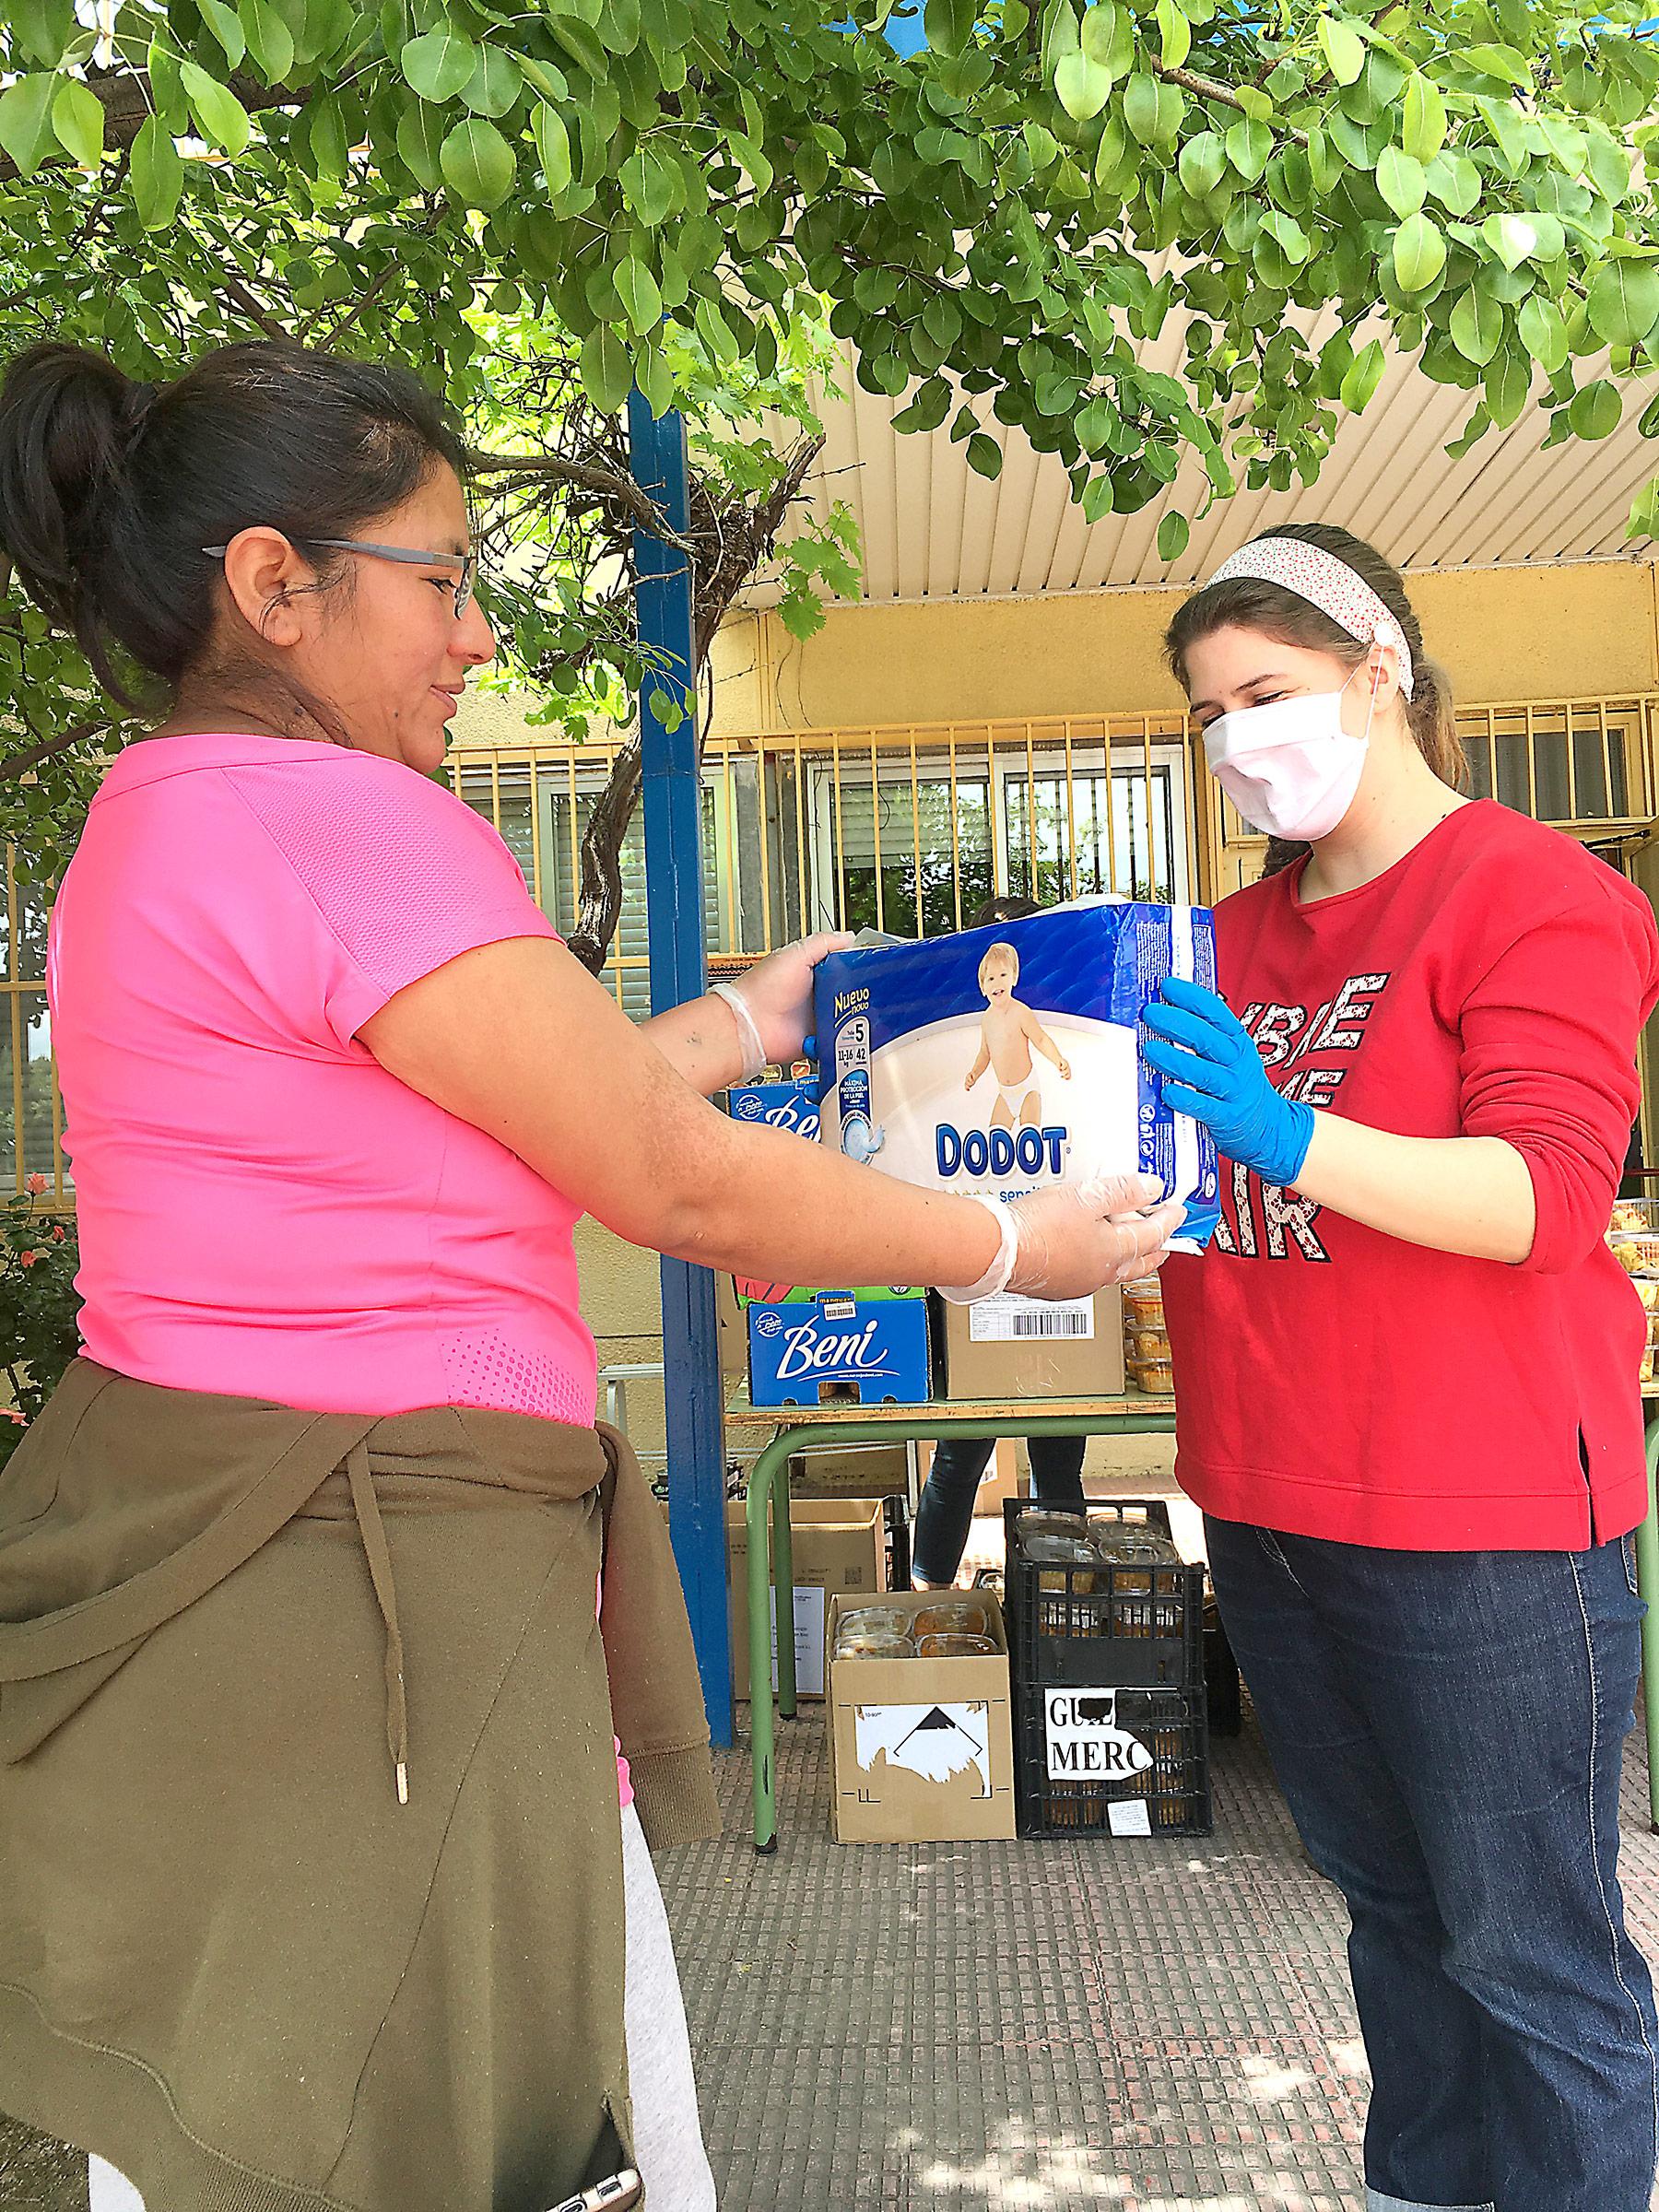 El Ayuntamiento, el Banco de Alimentos Dodot y Lactalis son algunas entidades que están ayudando en esa tarea